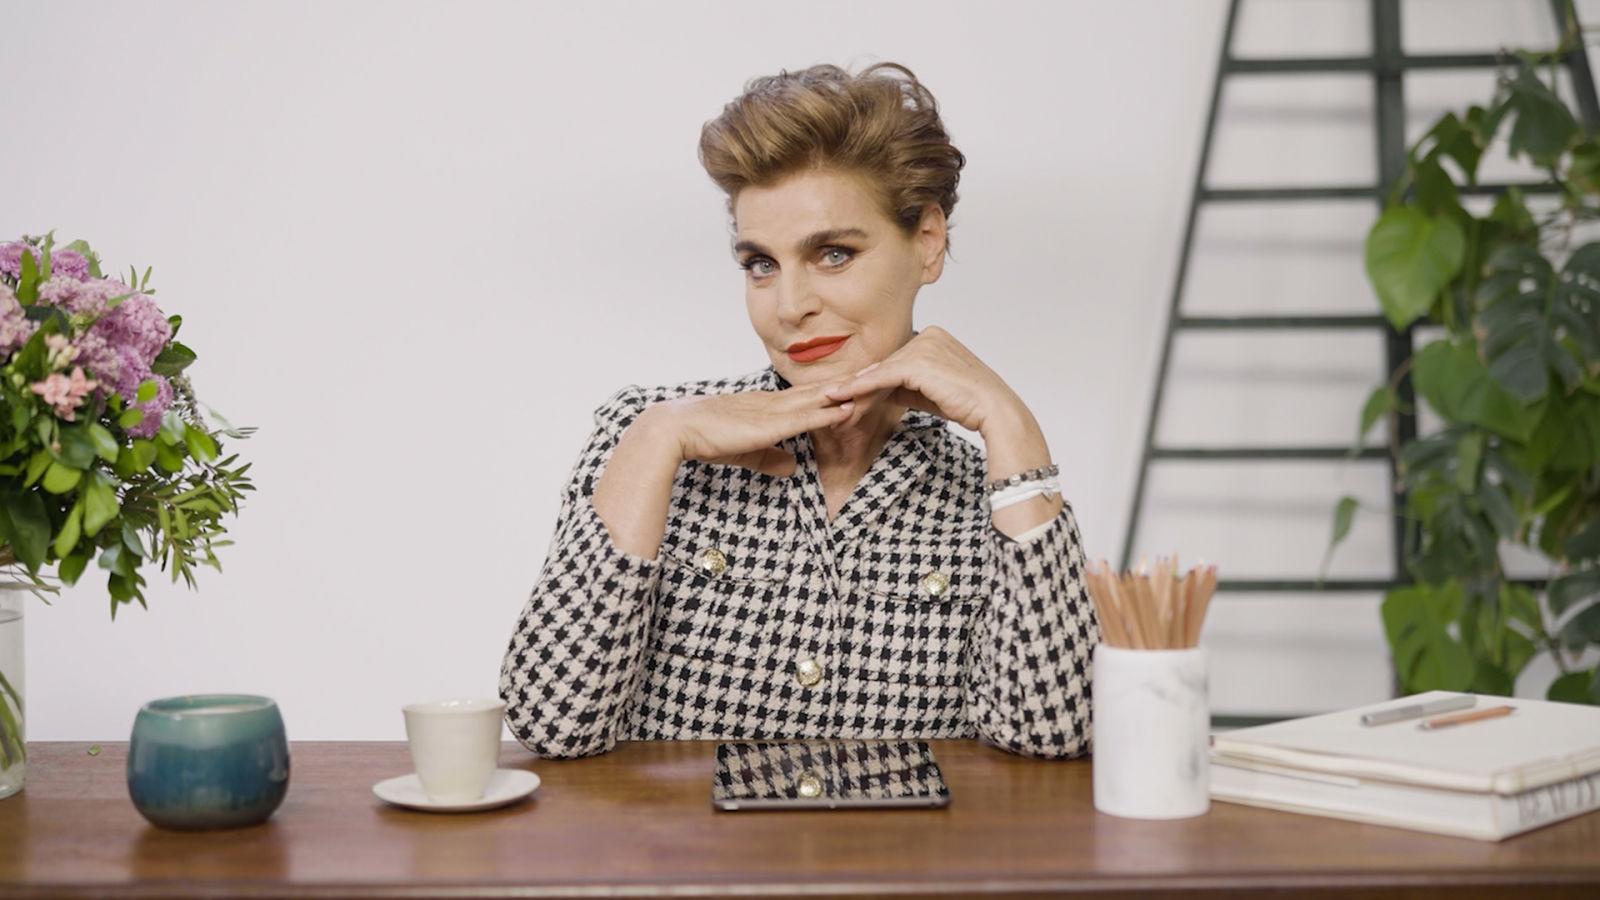 Antonia Dell'Atte repasa 15 looks icónicos, de Armani a Masterchef